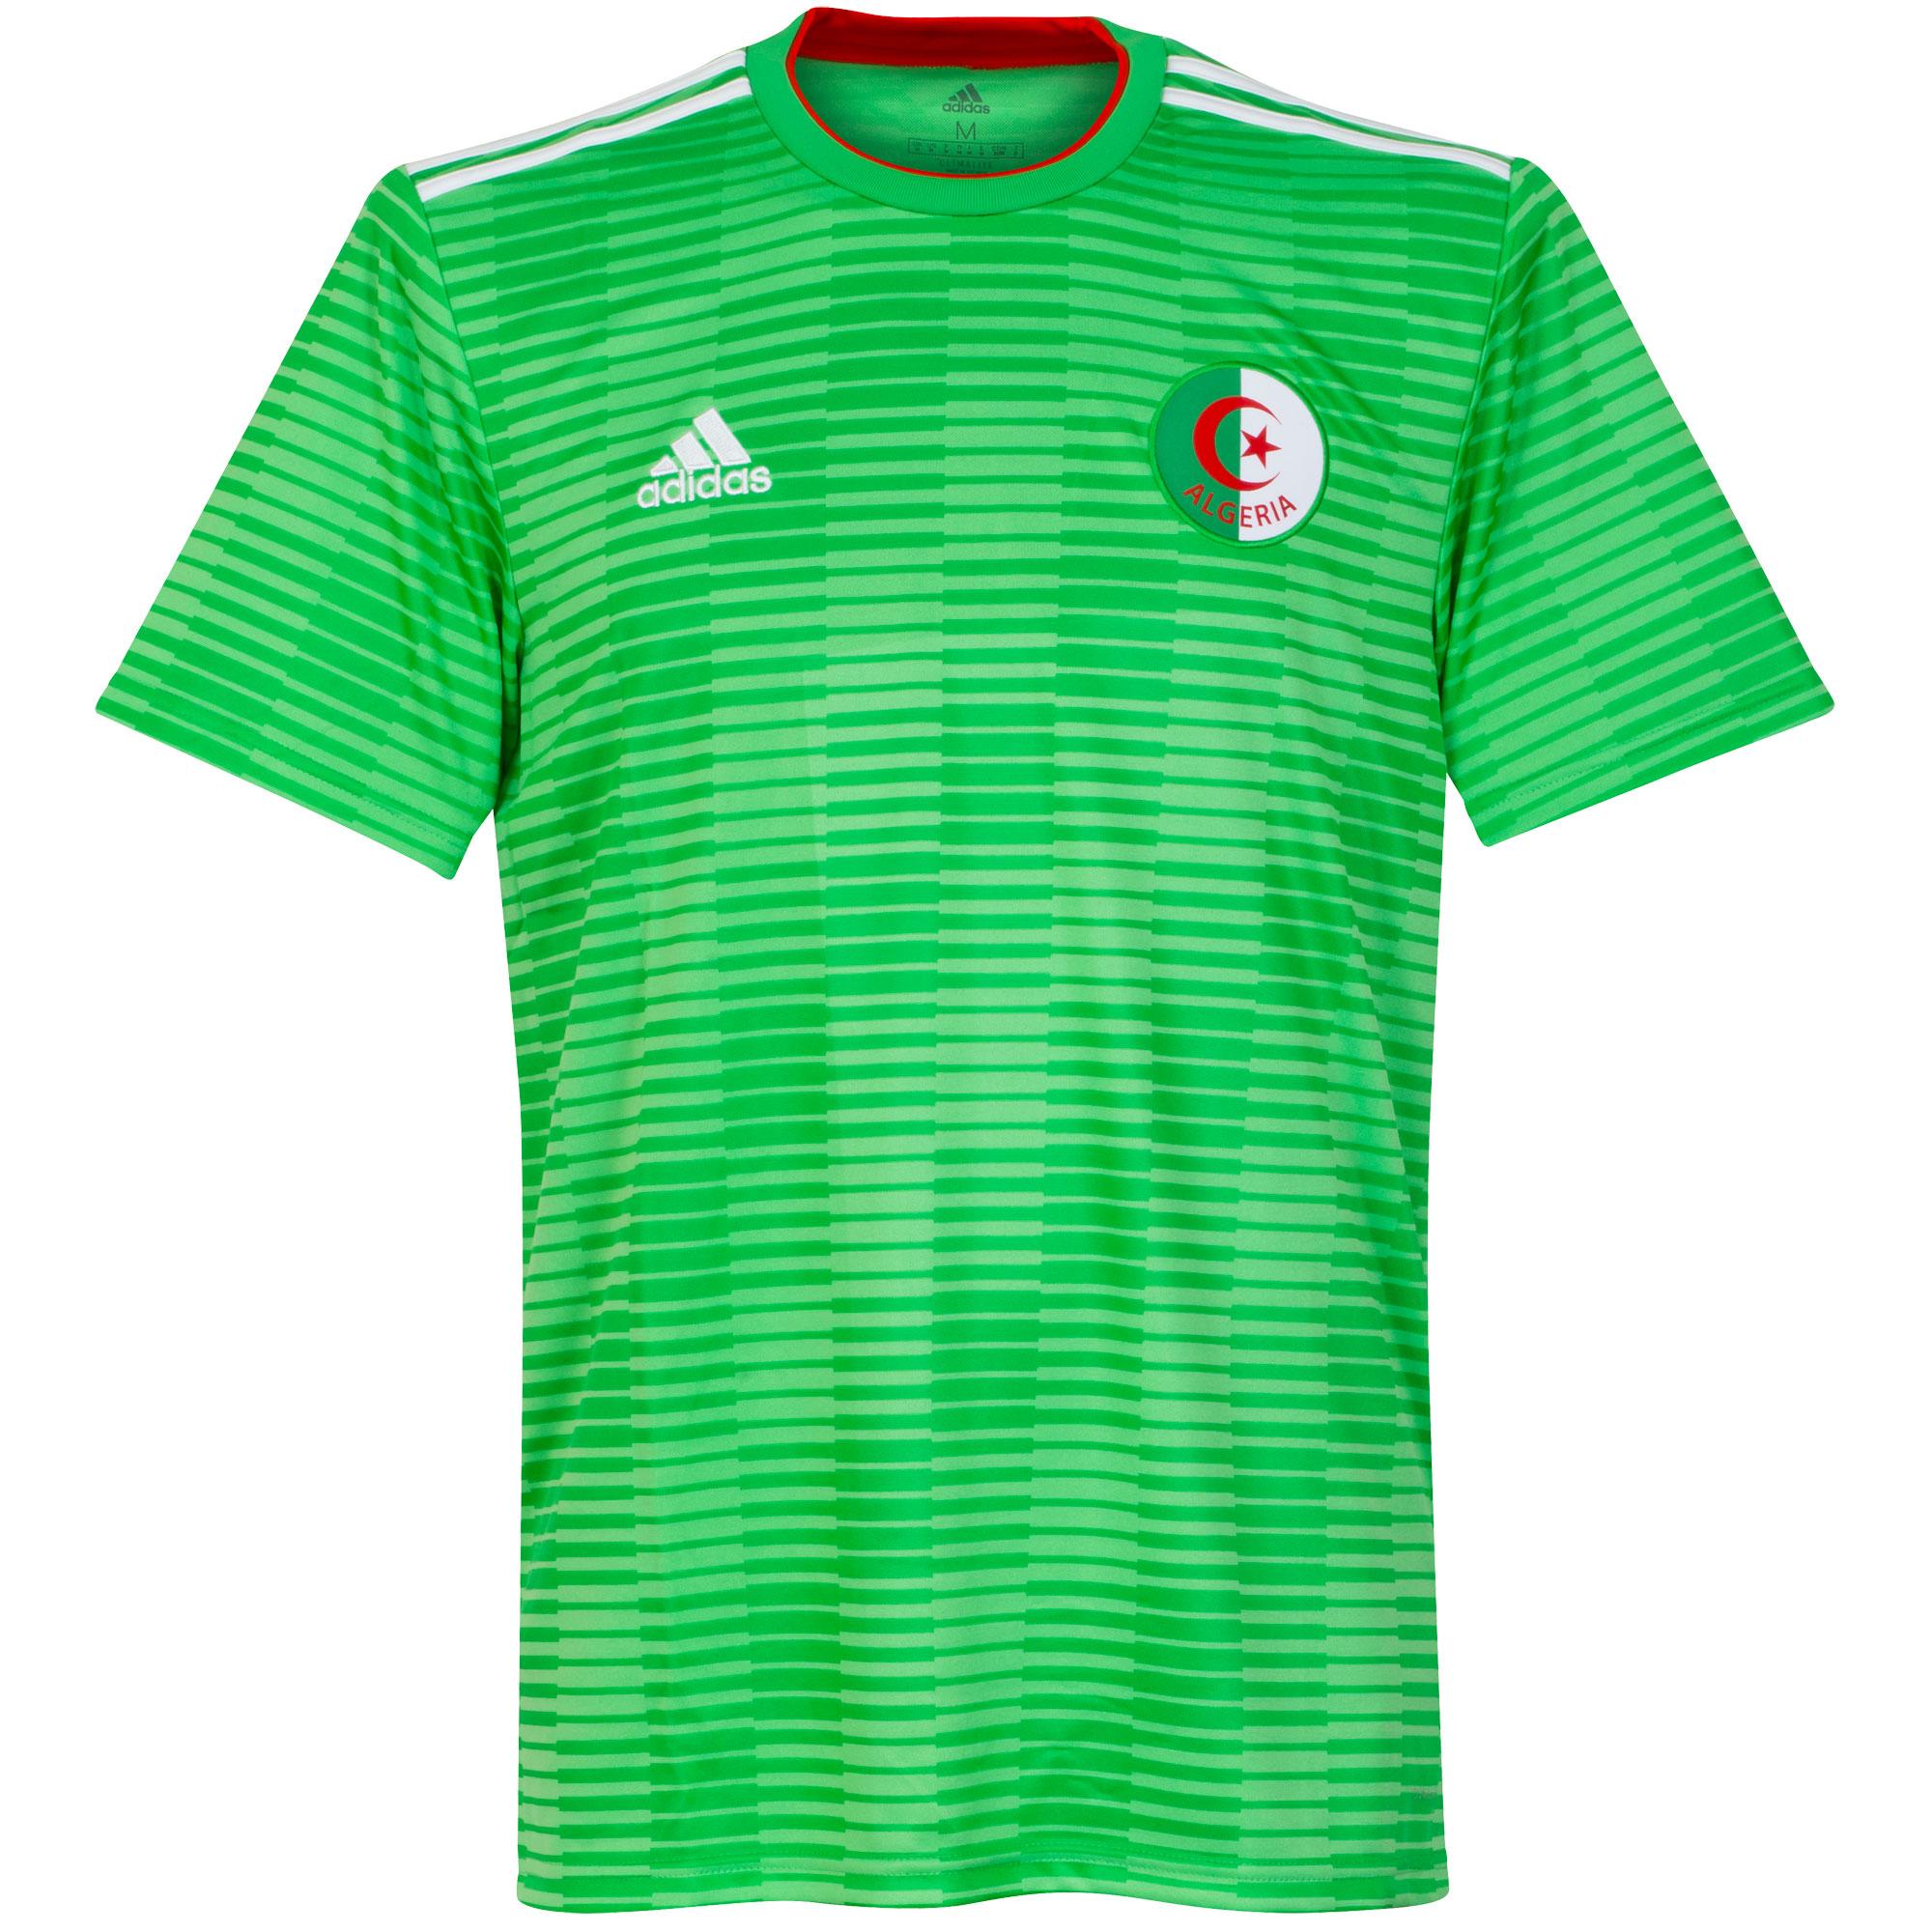 Algeria Away Shirt 2018 2019 - 46